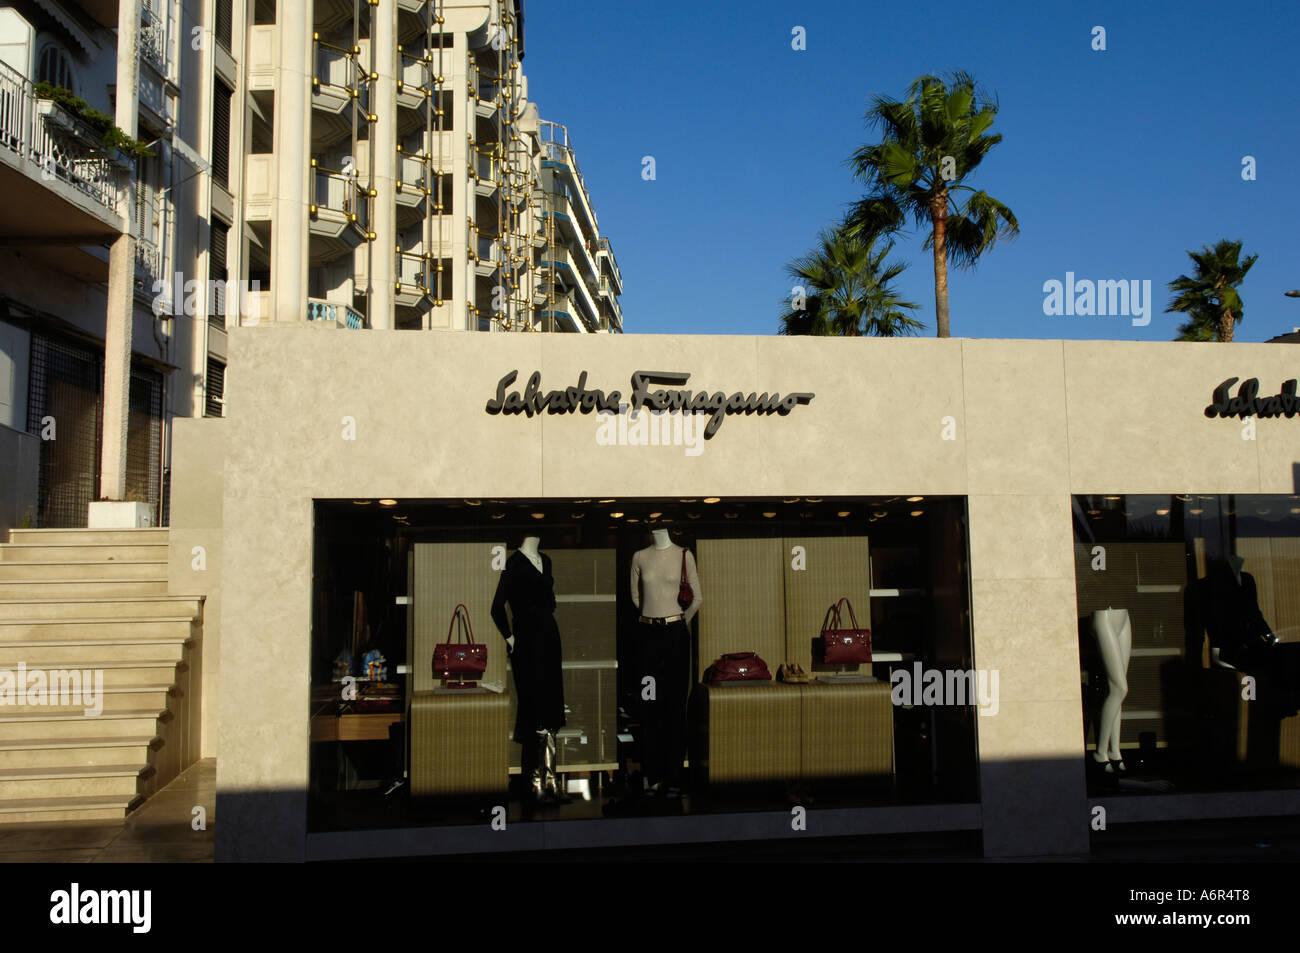 Cannes, Ferragamo Store - Stock Image